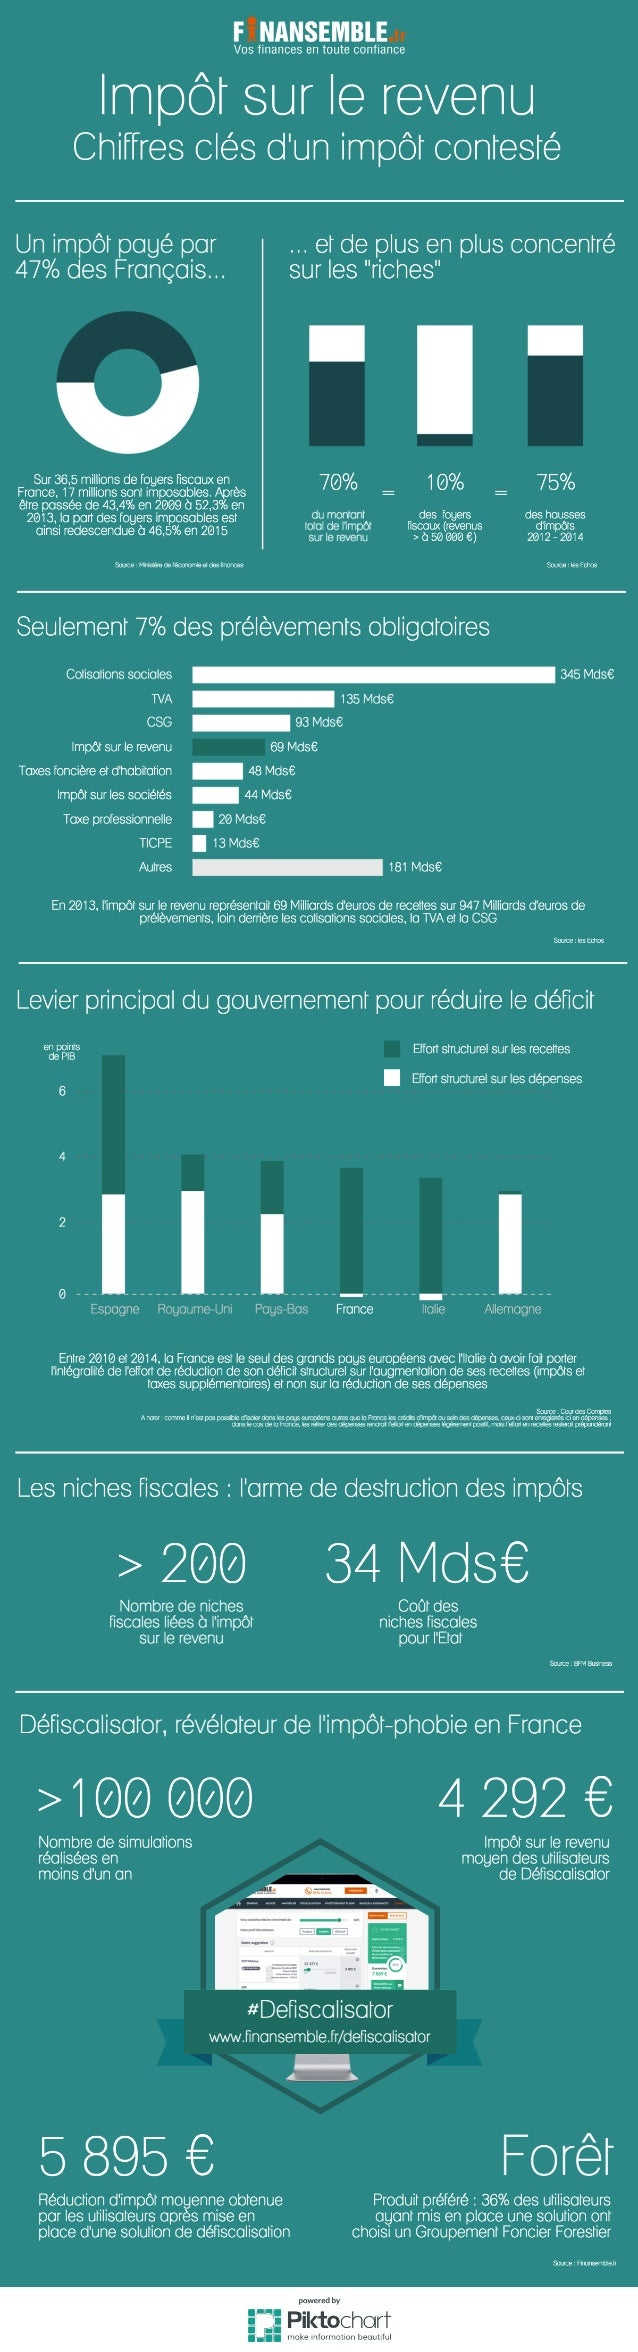 Impôt sur le revenu : les chiffres clés d'un impôt contesté